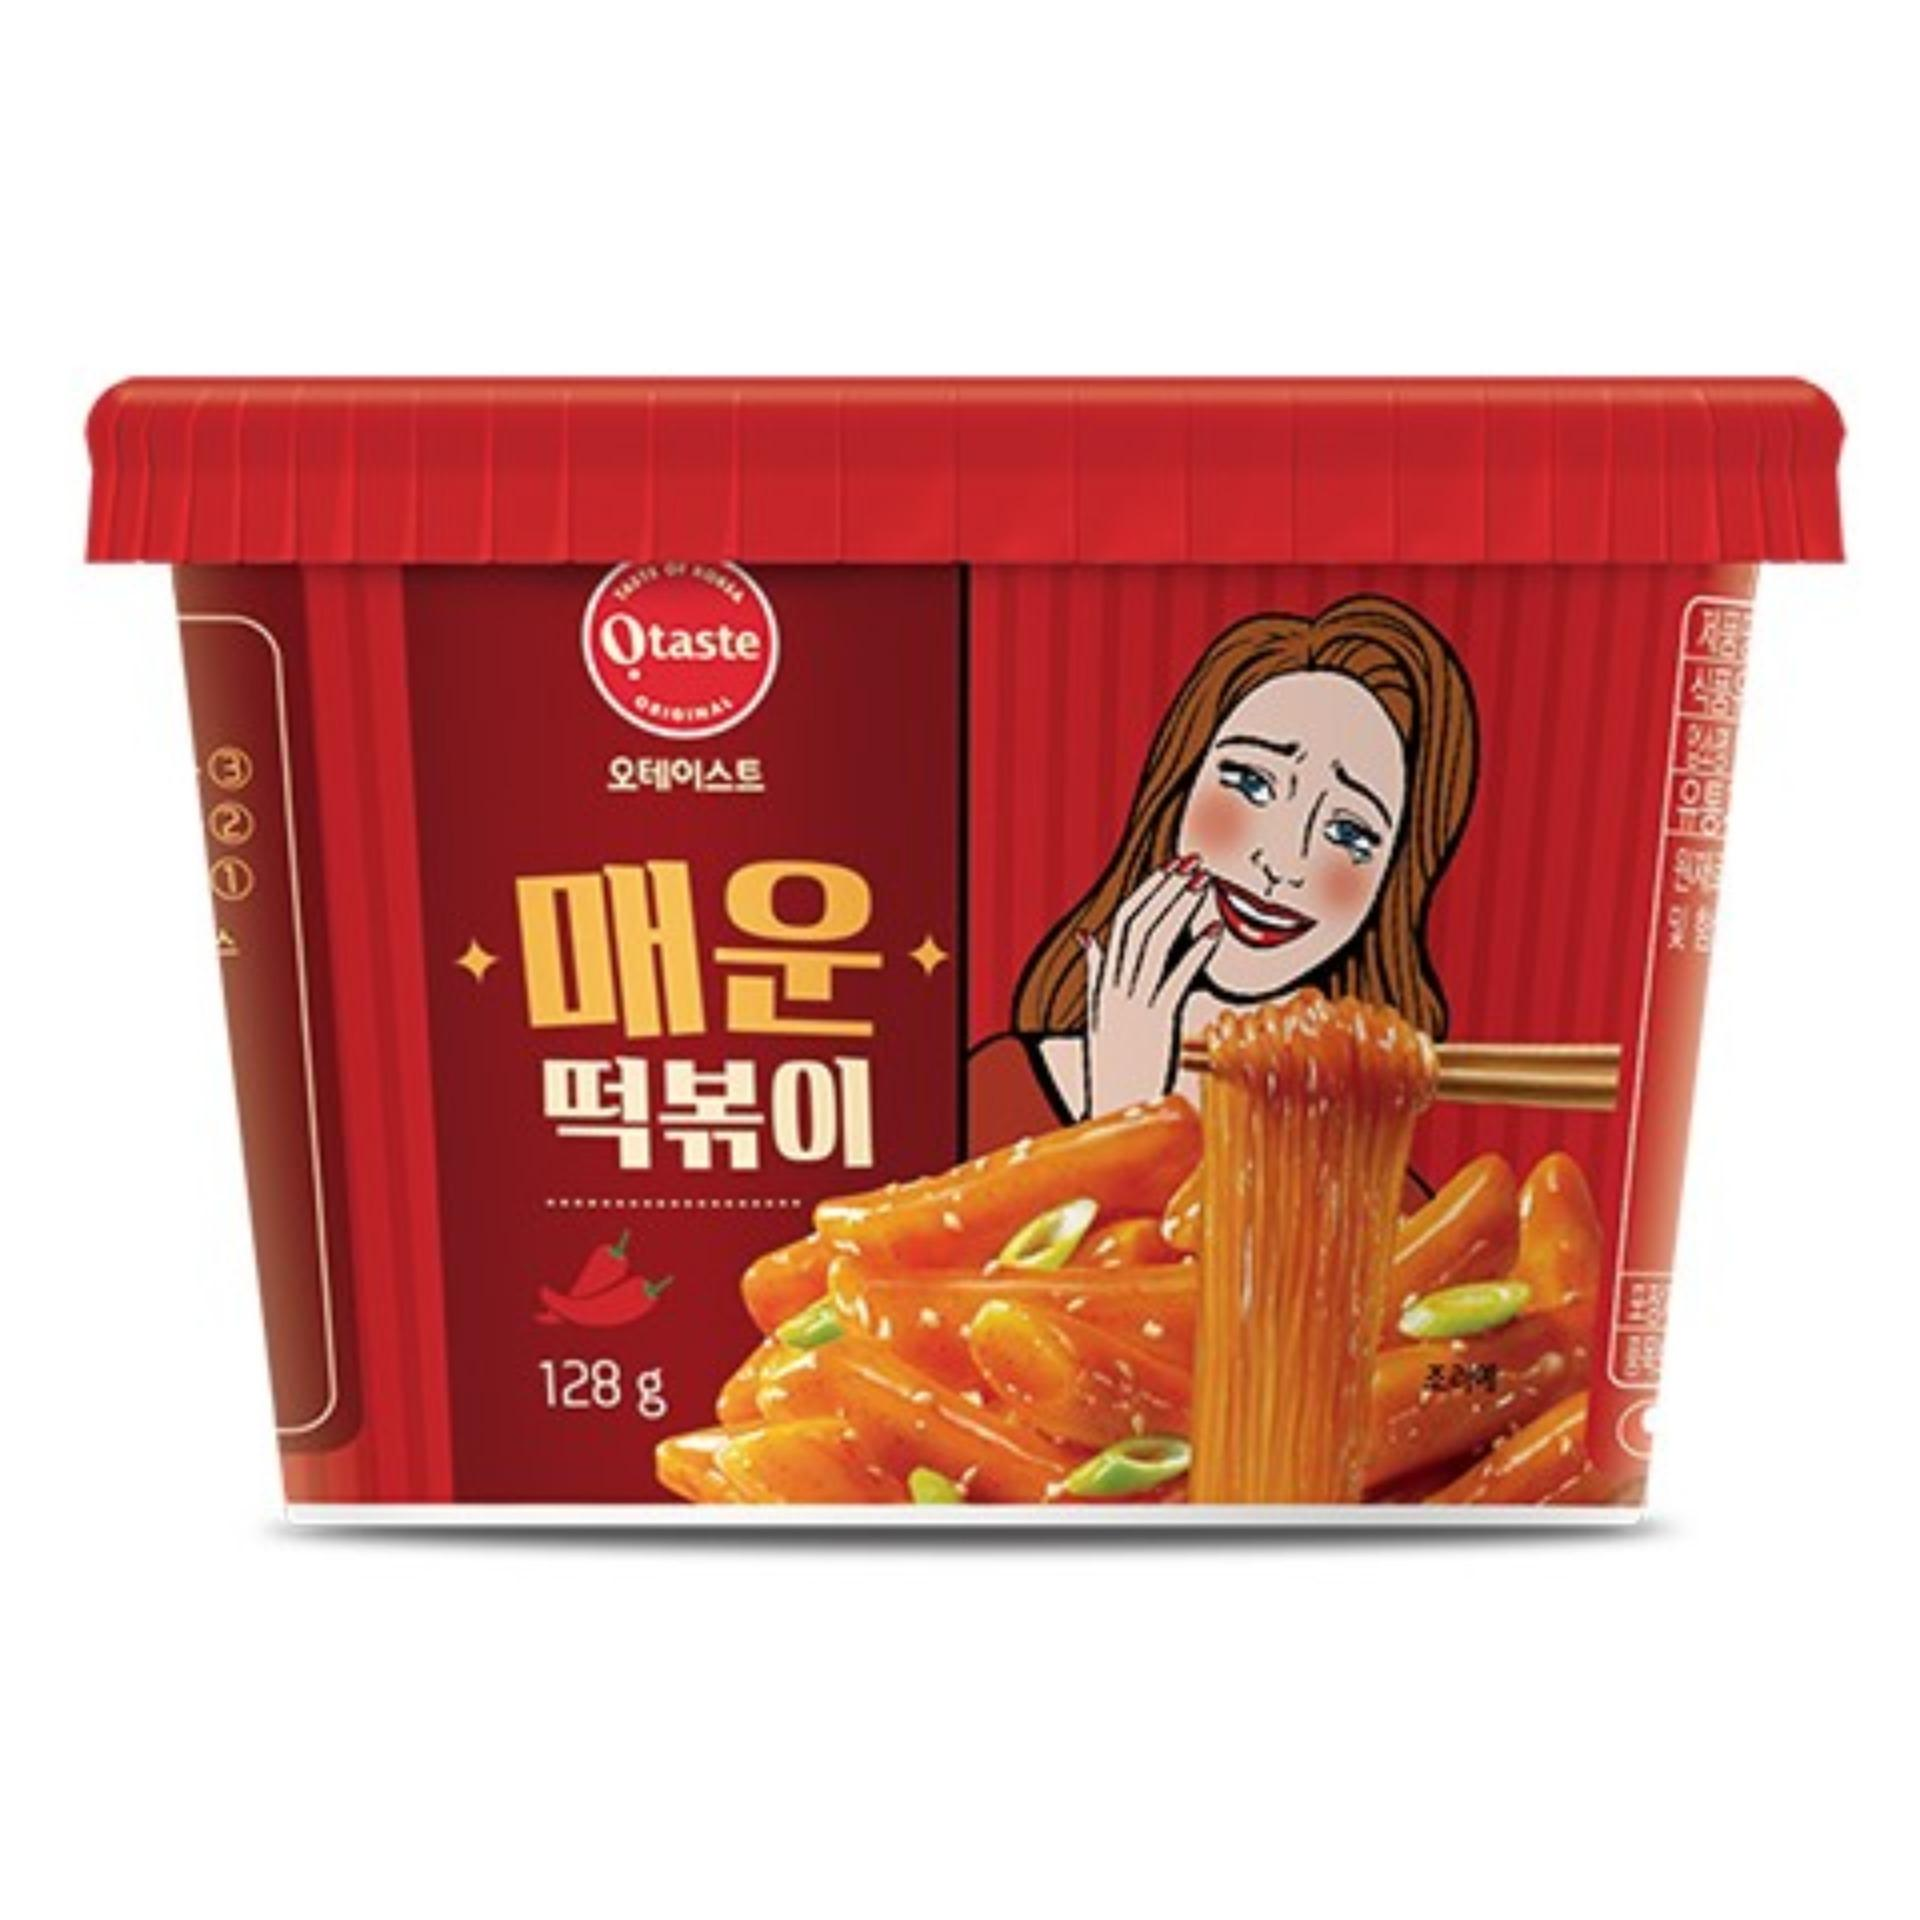 Bánh Gạo Hàn Quốc Topokki & Miến Otaste Vị Cay Ngọt 128gr Đang Có Khuyến Mãi